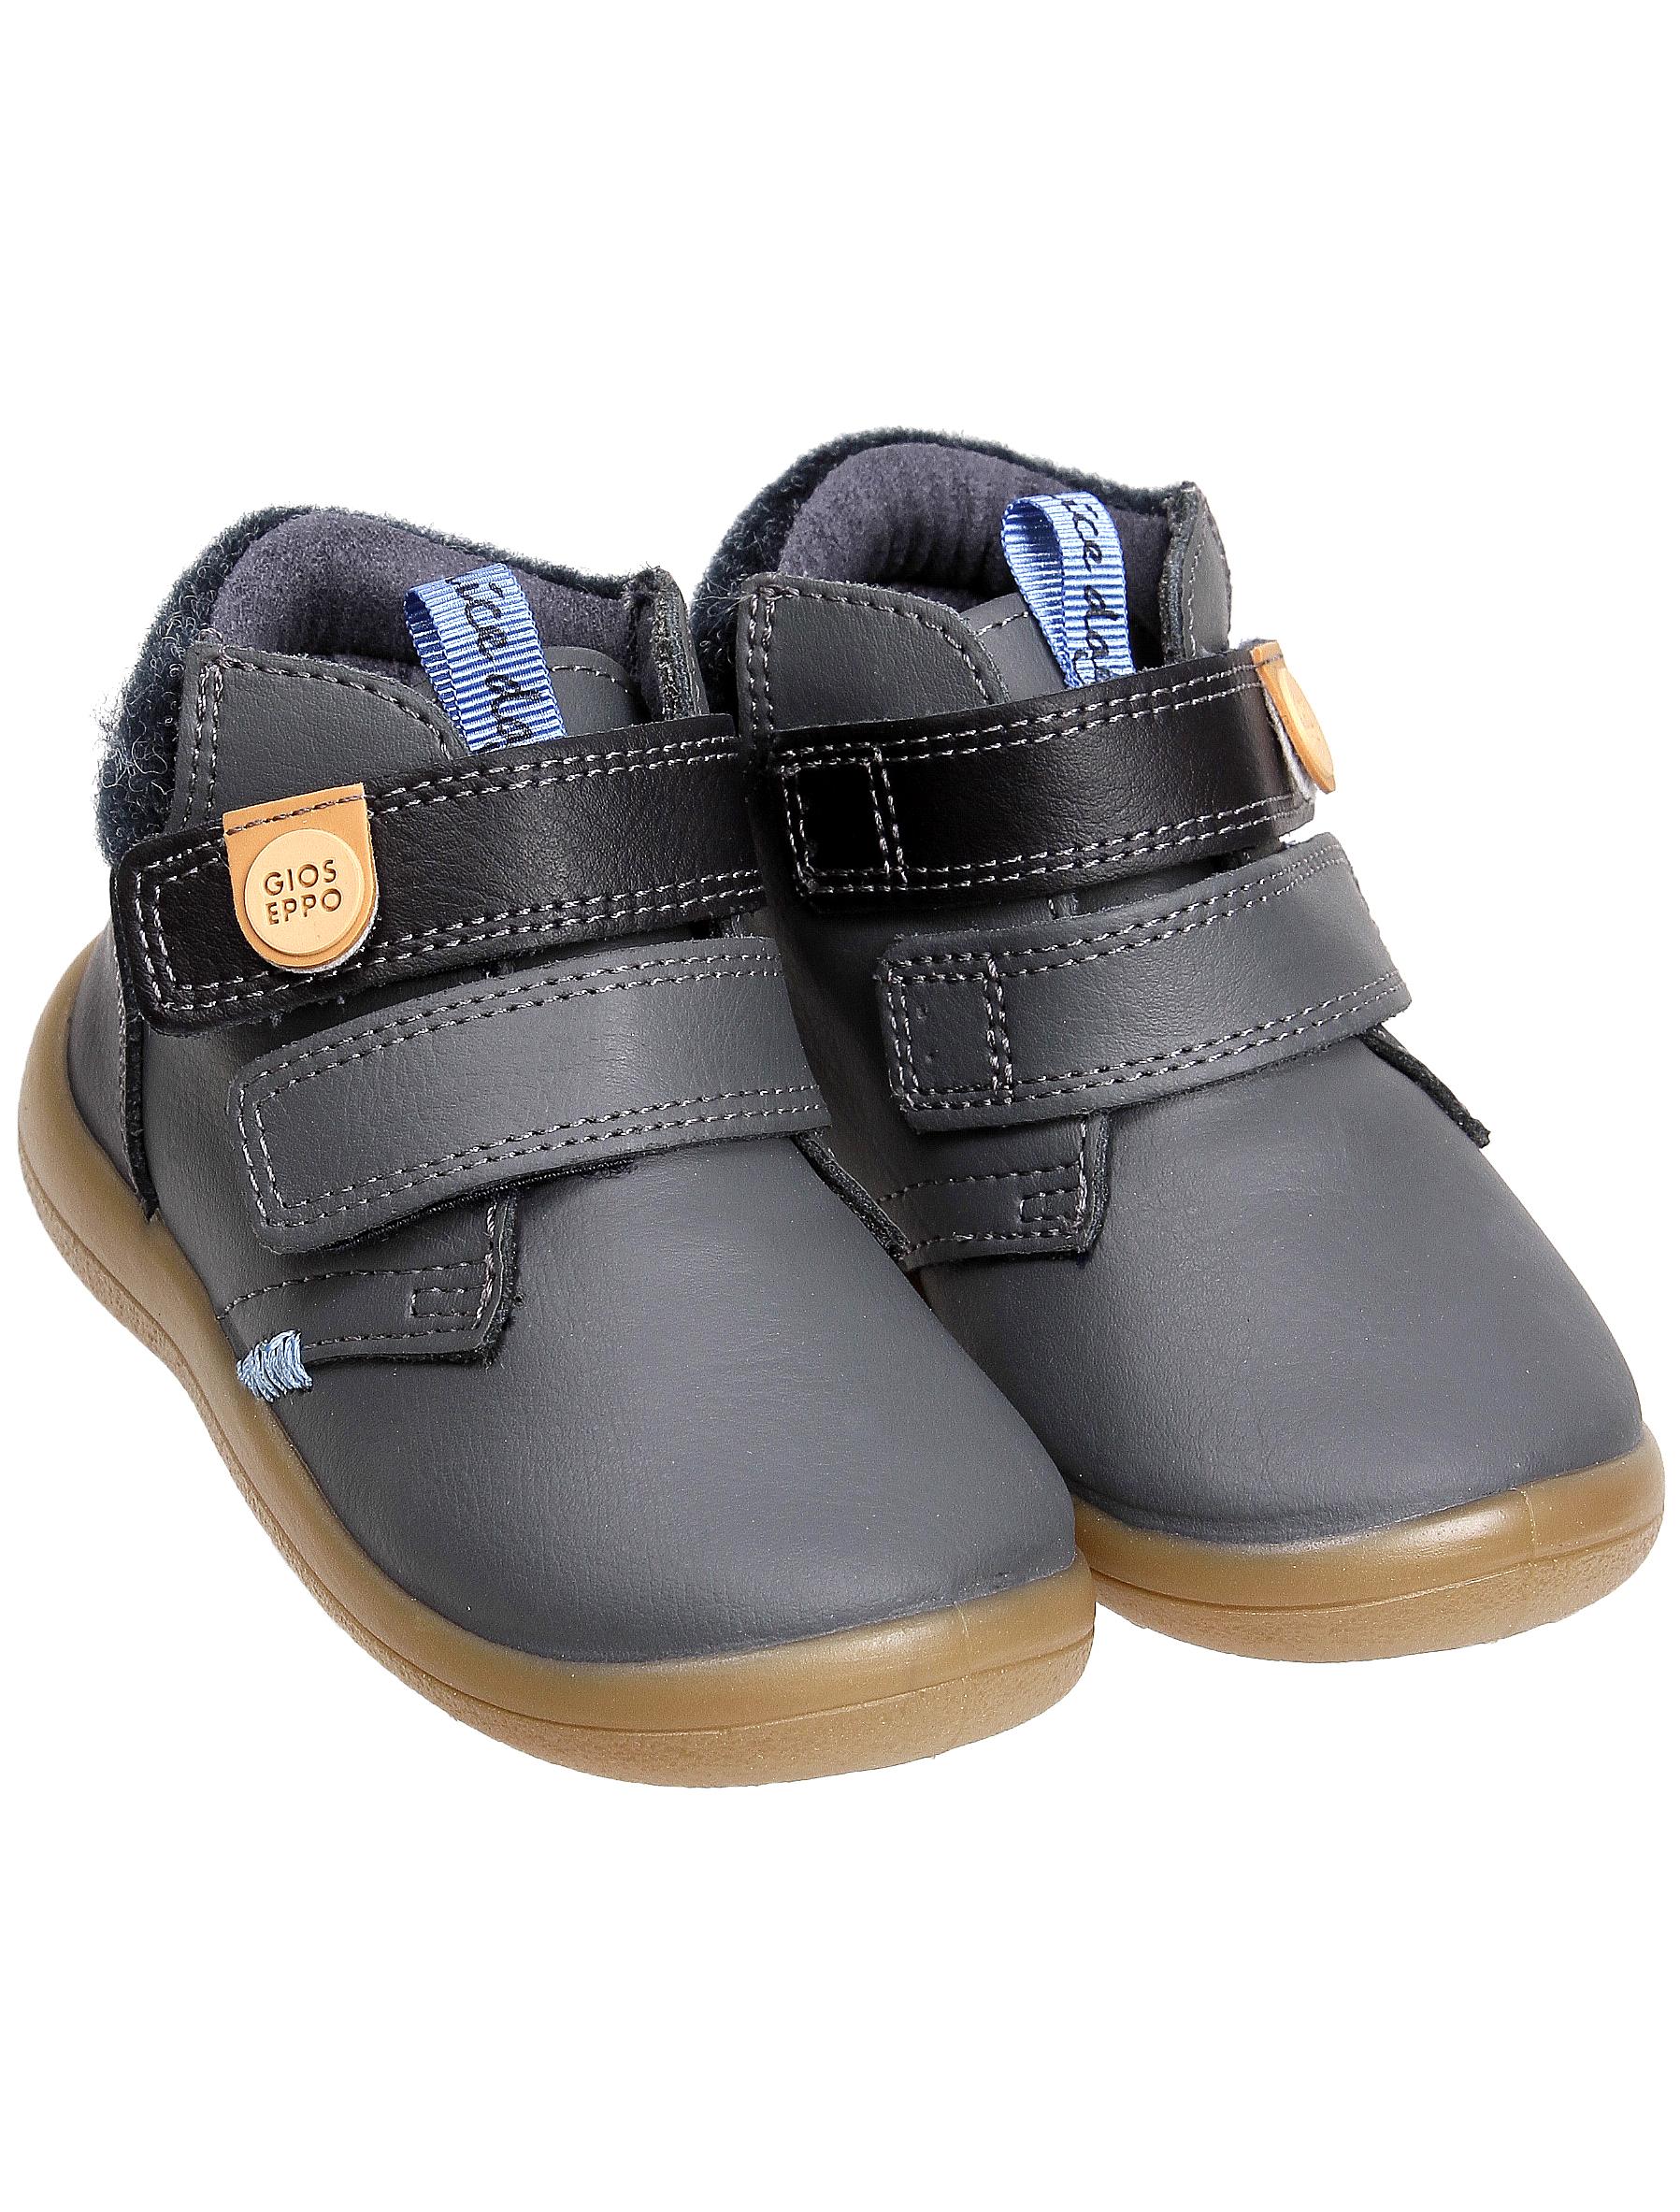 Купить 2120993, Ботинки GIOSEPPO, серый, Мужской, 2031719980015